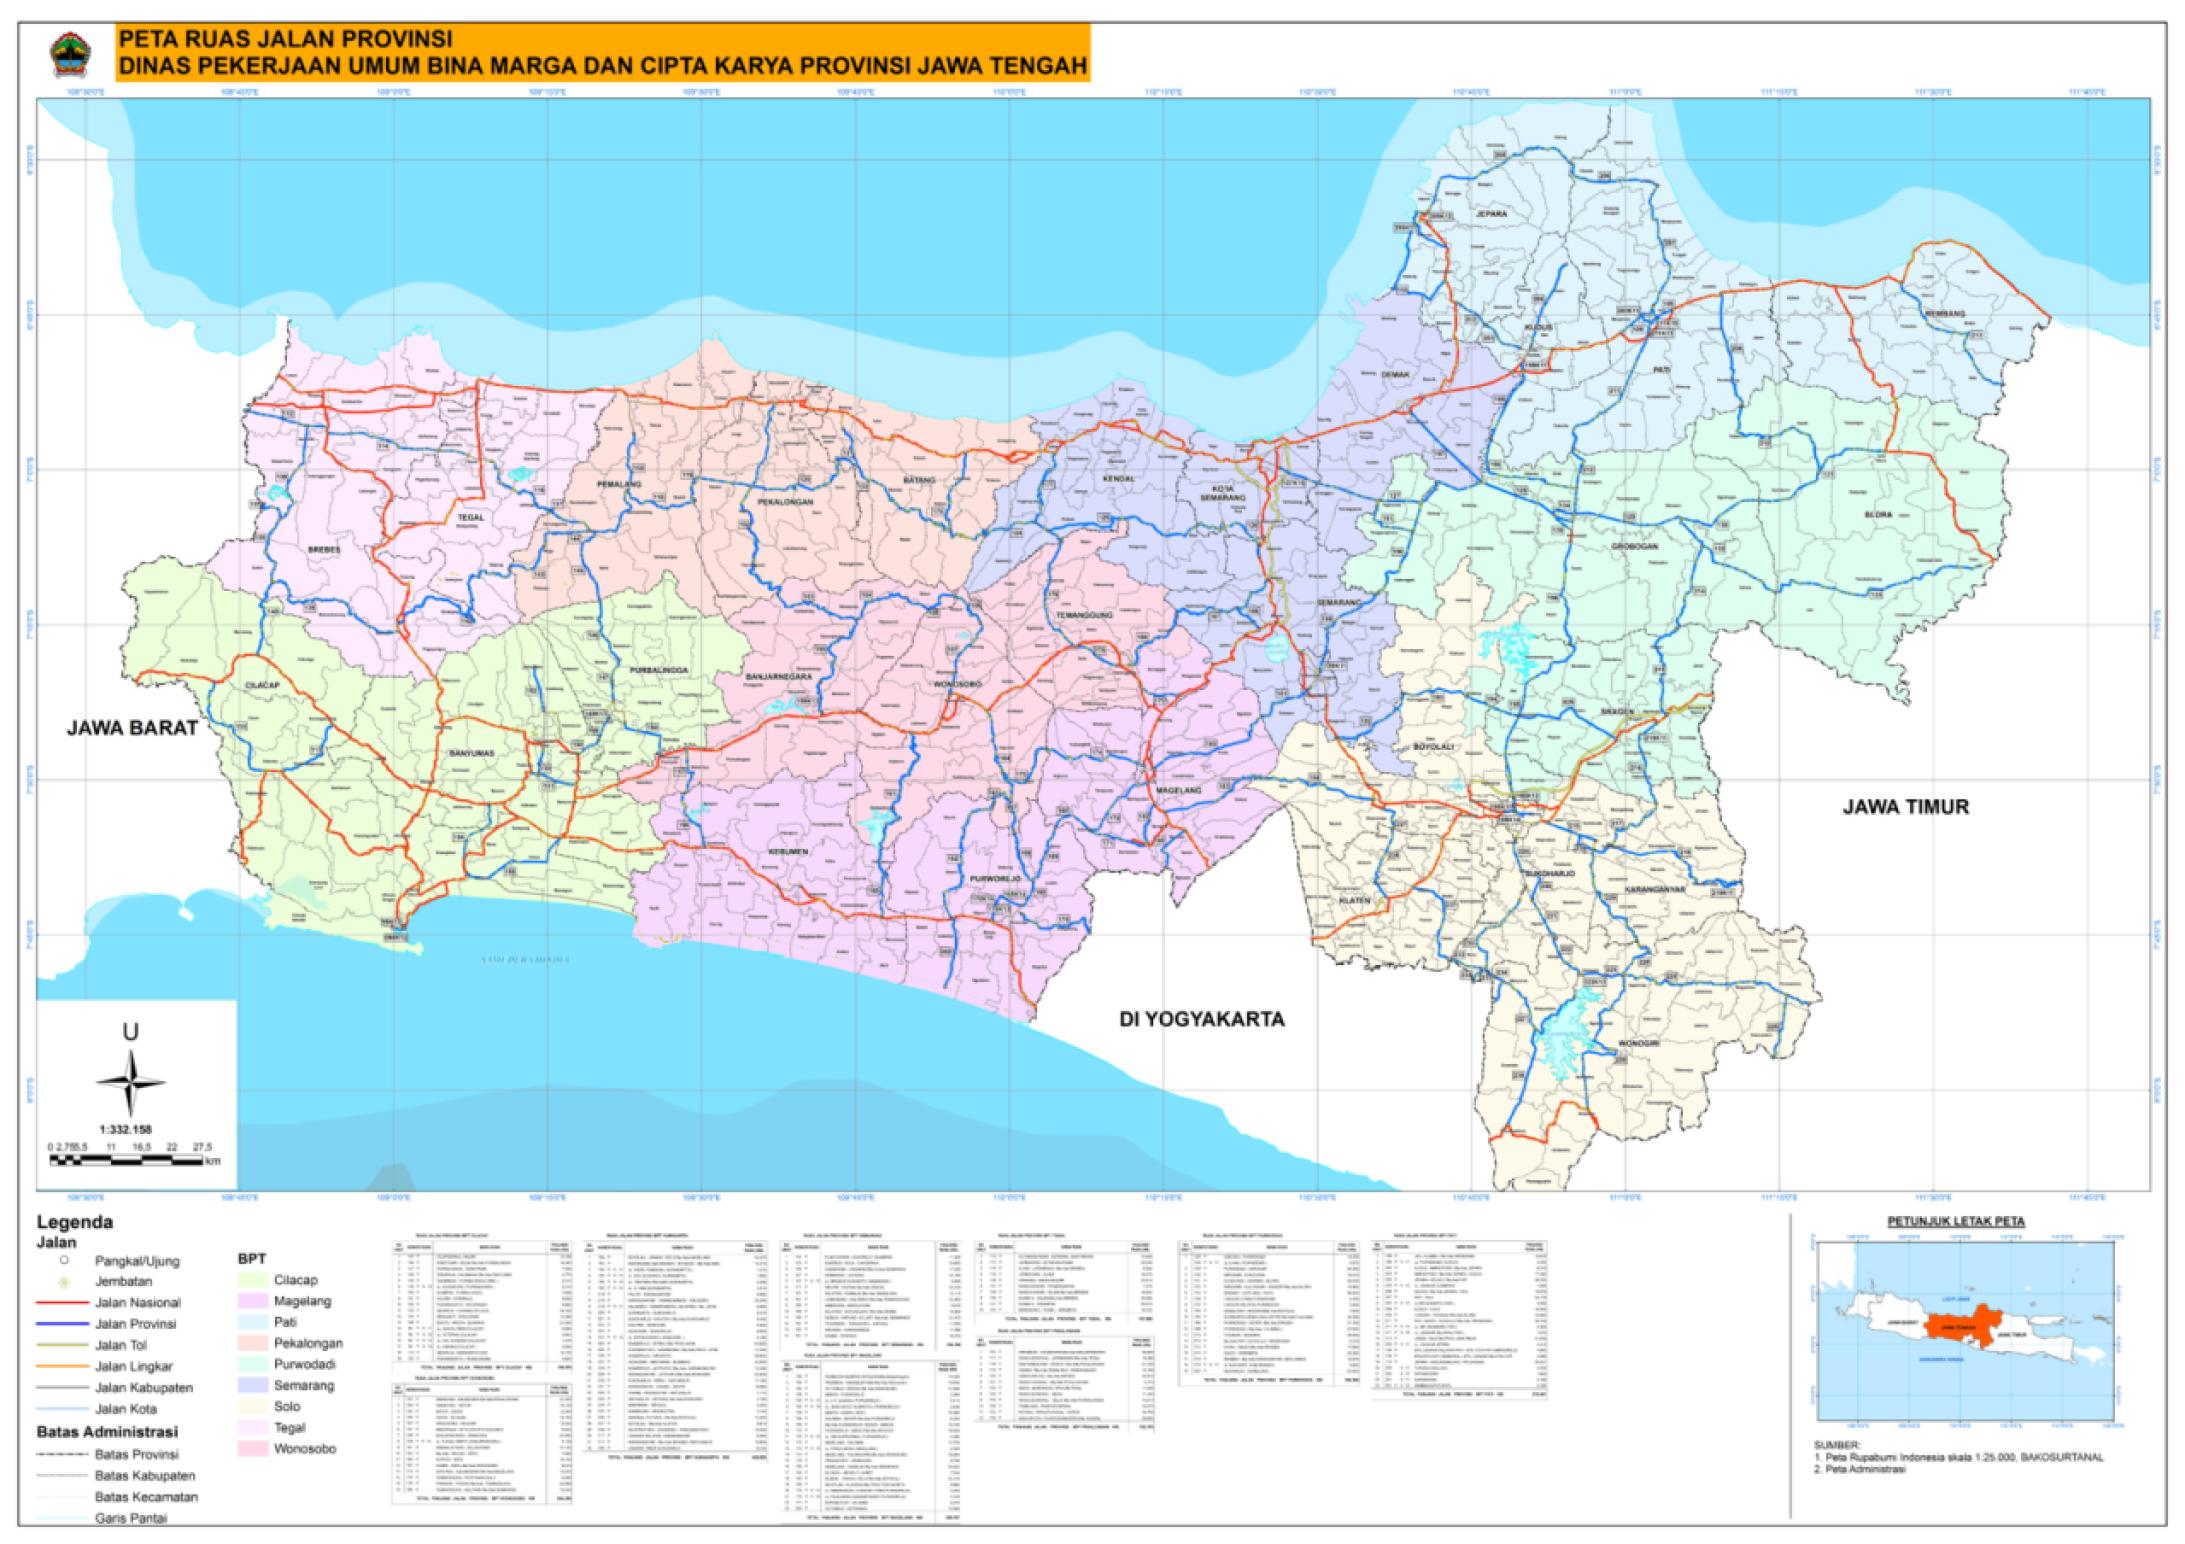 Informasi Jalan Provinsi Dinas Pu Bina Marga Dan Cipta Karya Provinsi Jawa Tengah